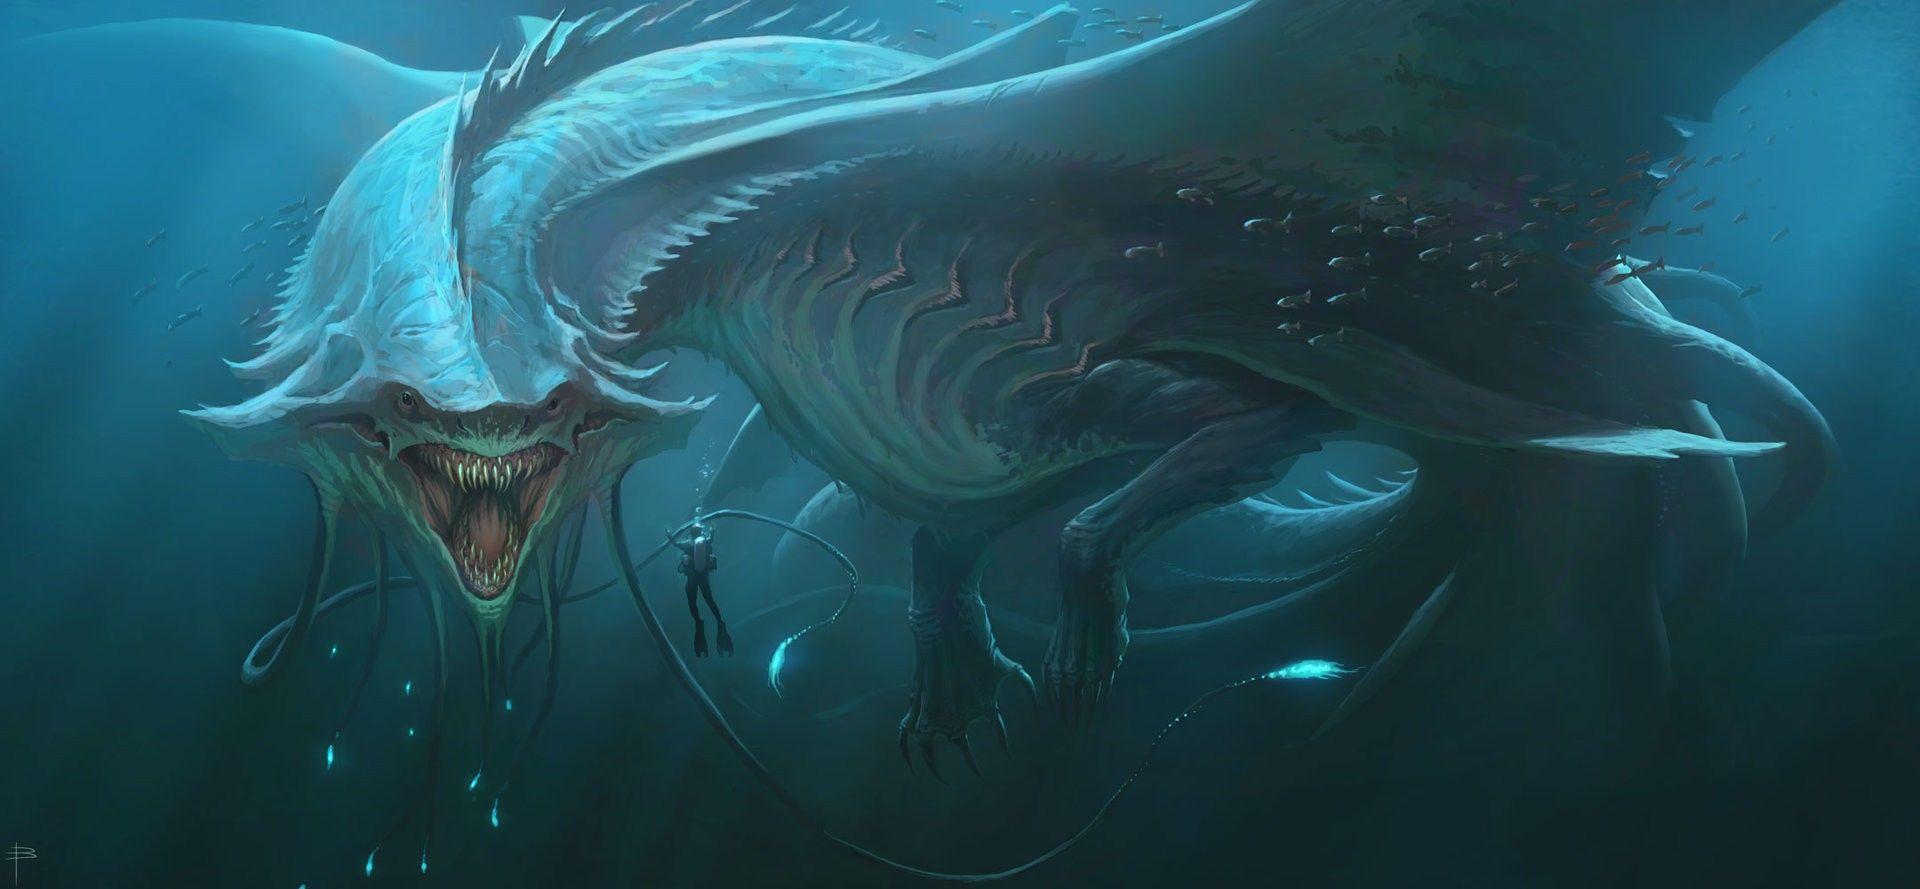 Sea Creature Sea Monsters Fantasy Creatures Digital Art Fantasy